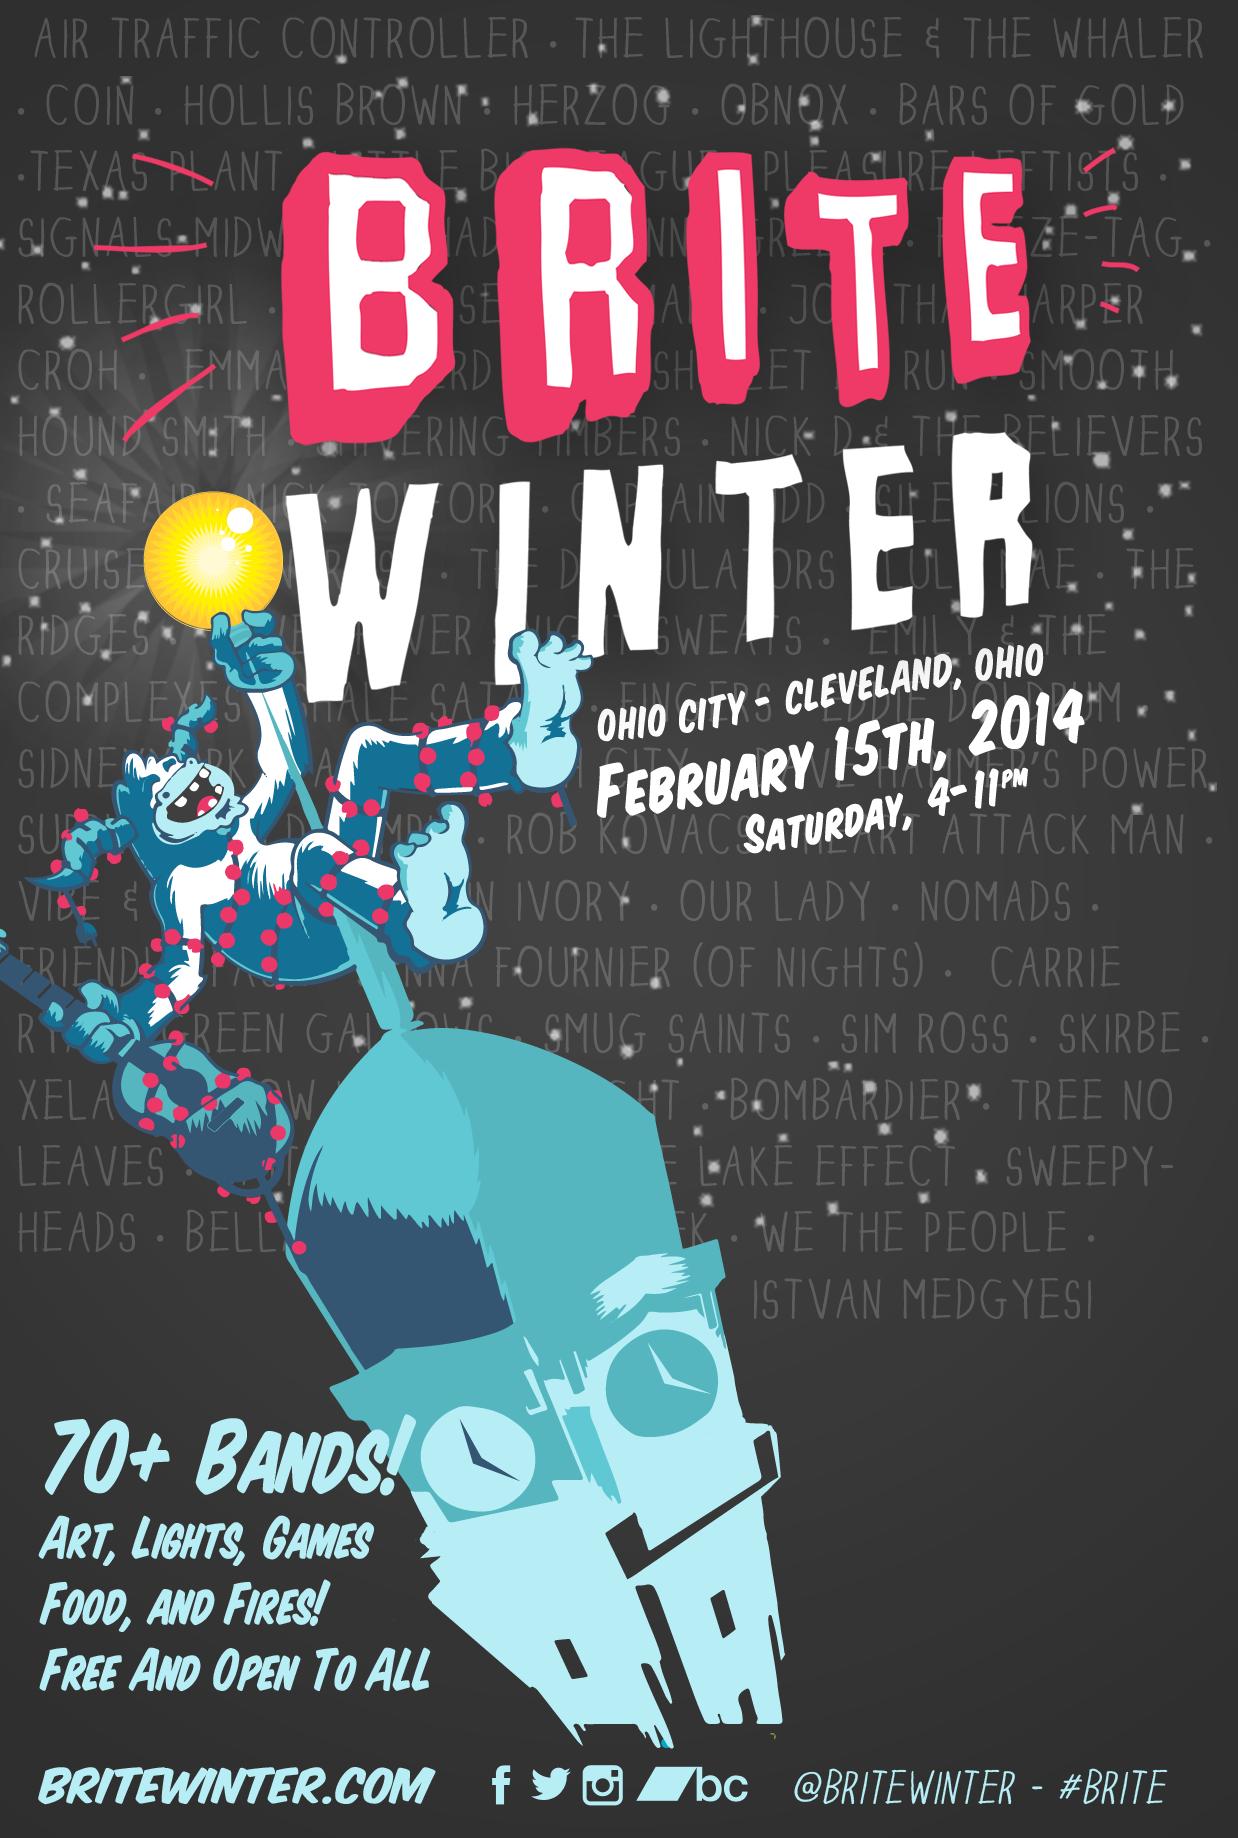 Brite Winter Festival February 15, 2014